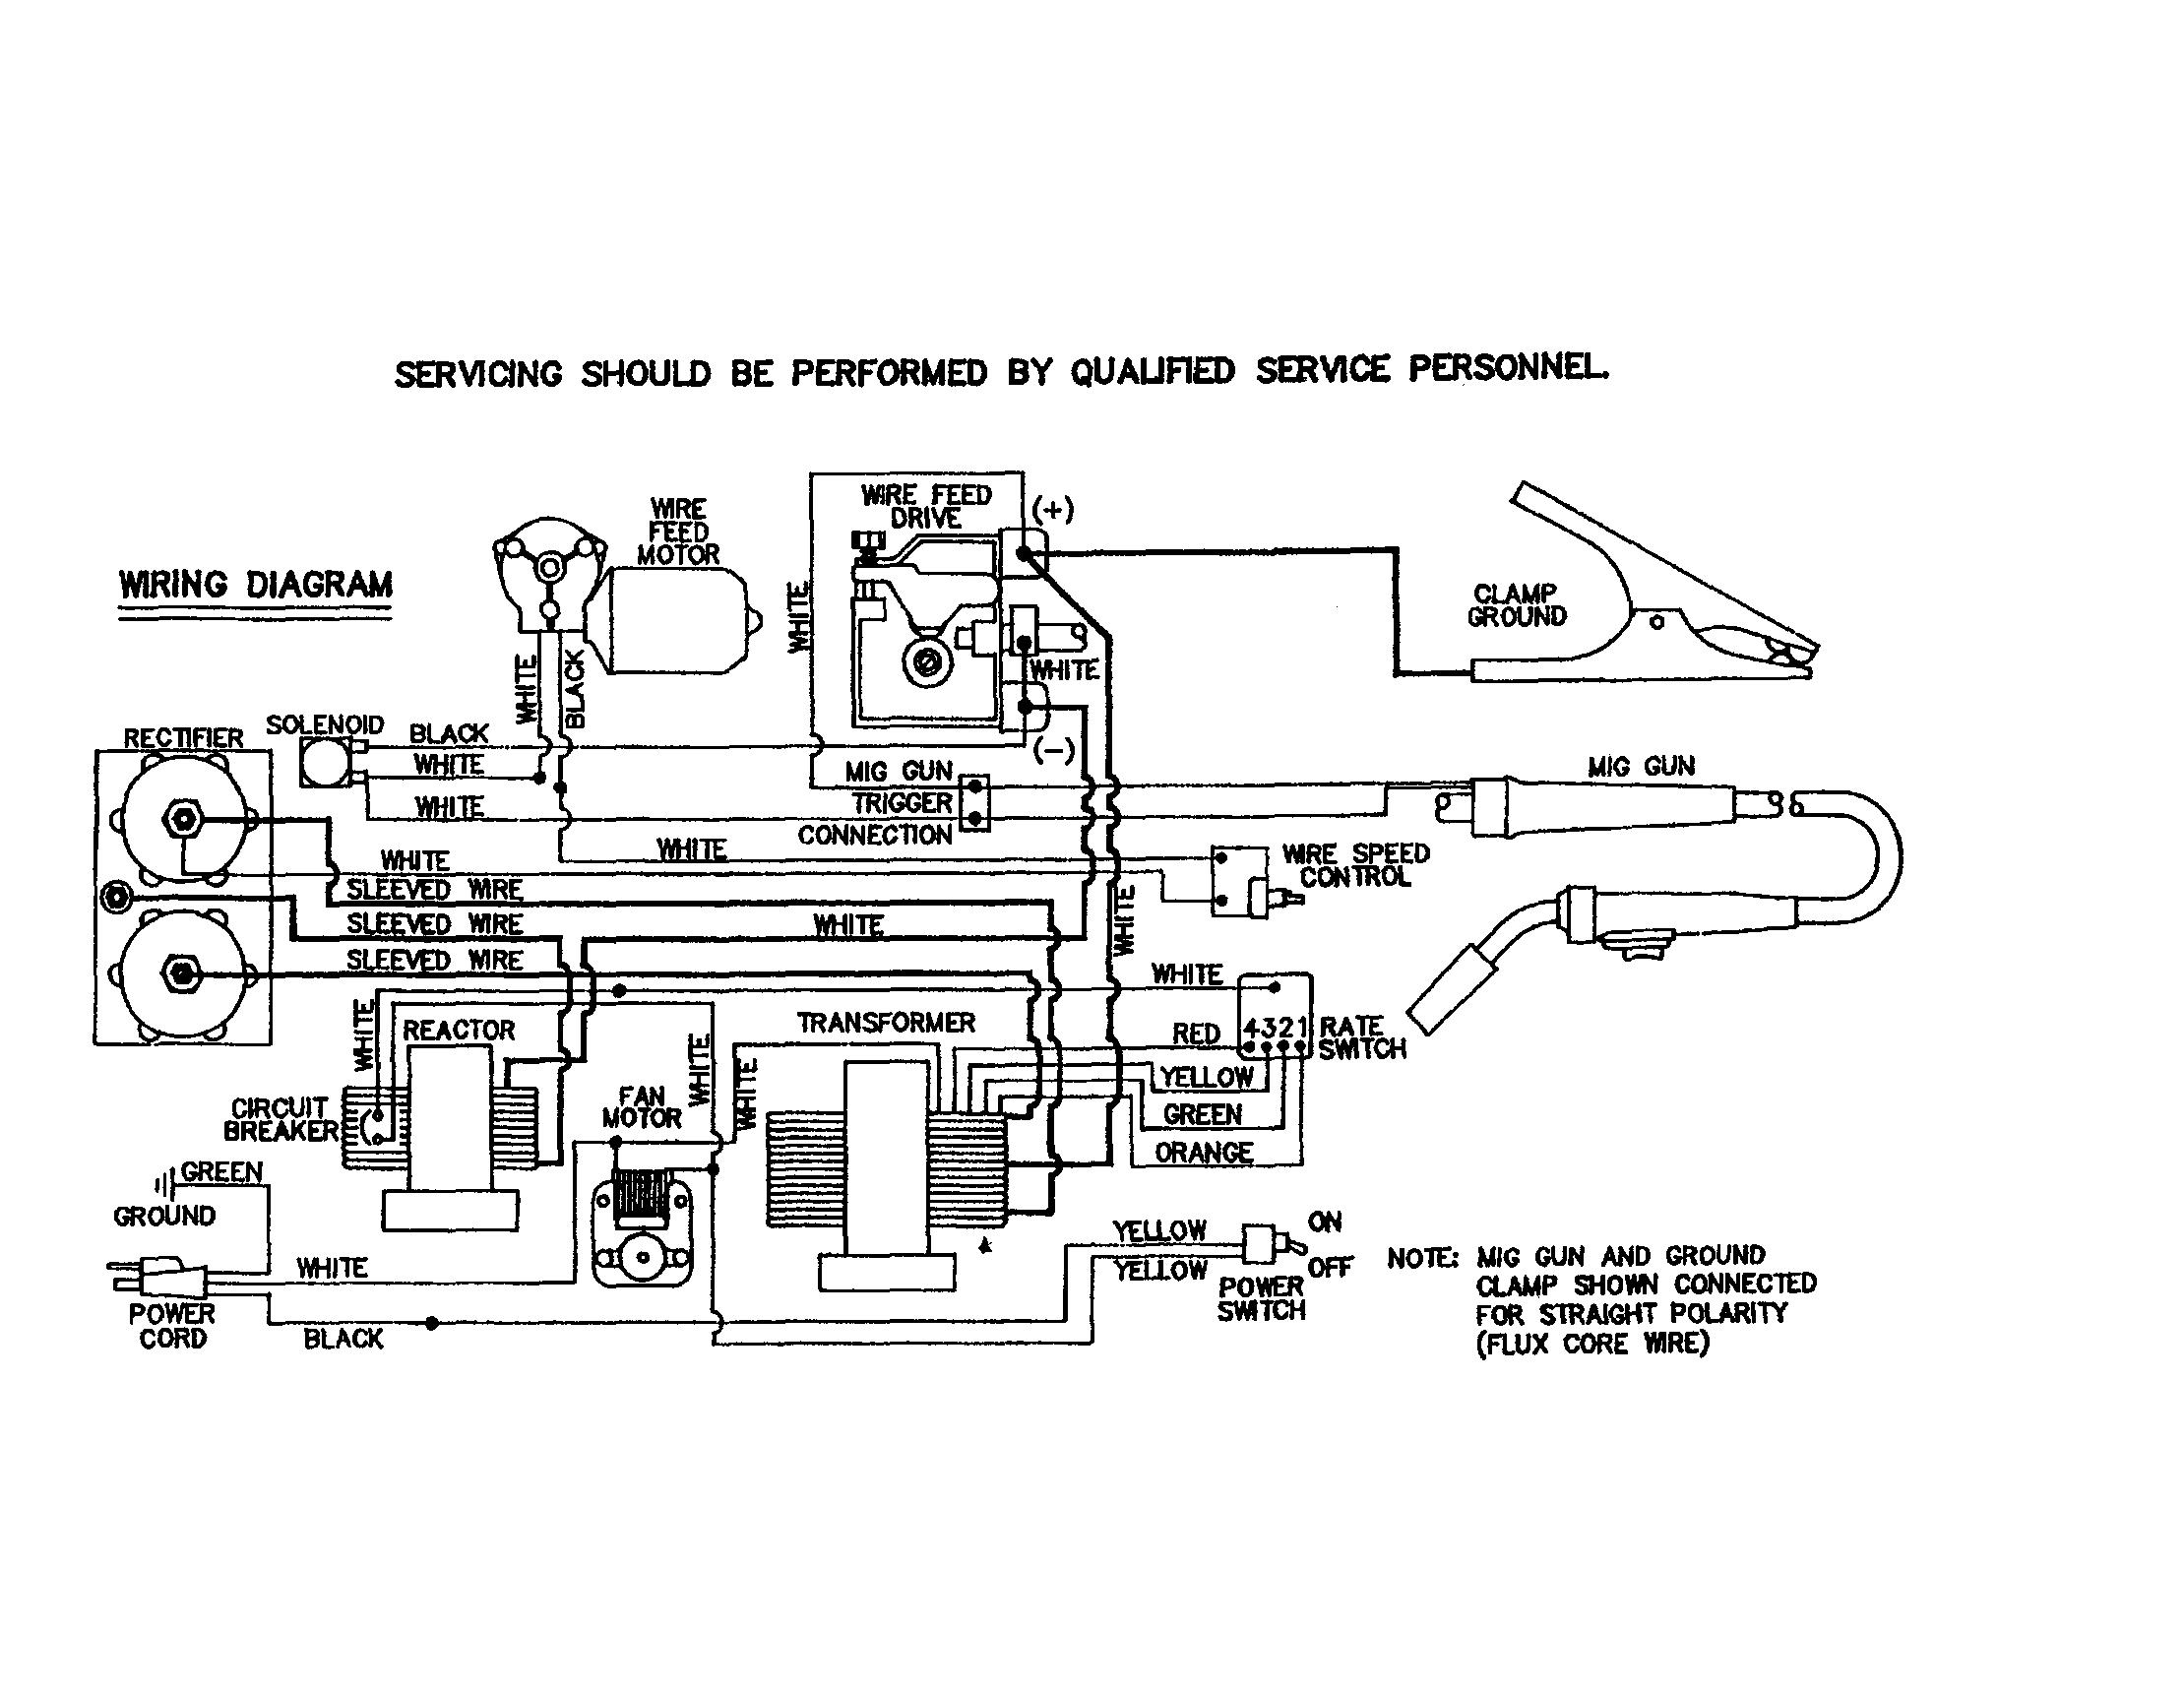 century welder parts diagram motor wiring star delta lincoln electric craftsman